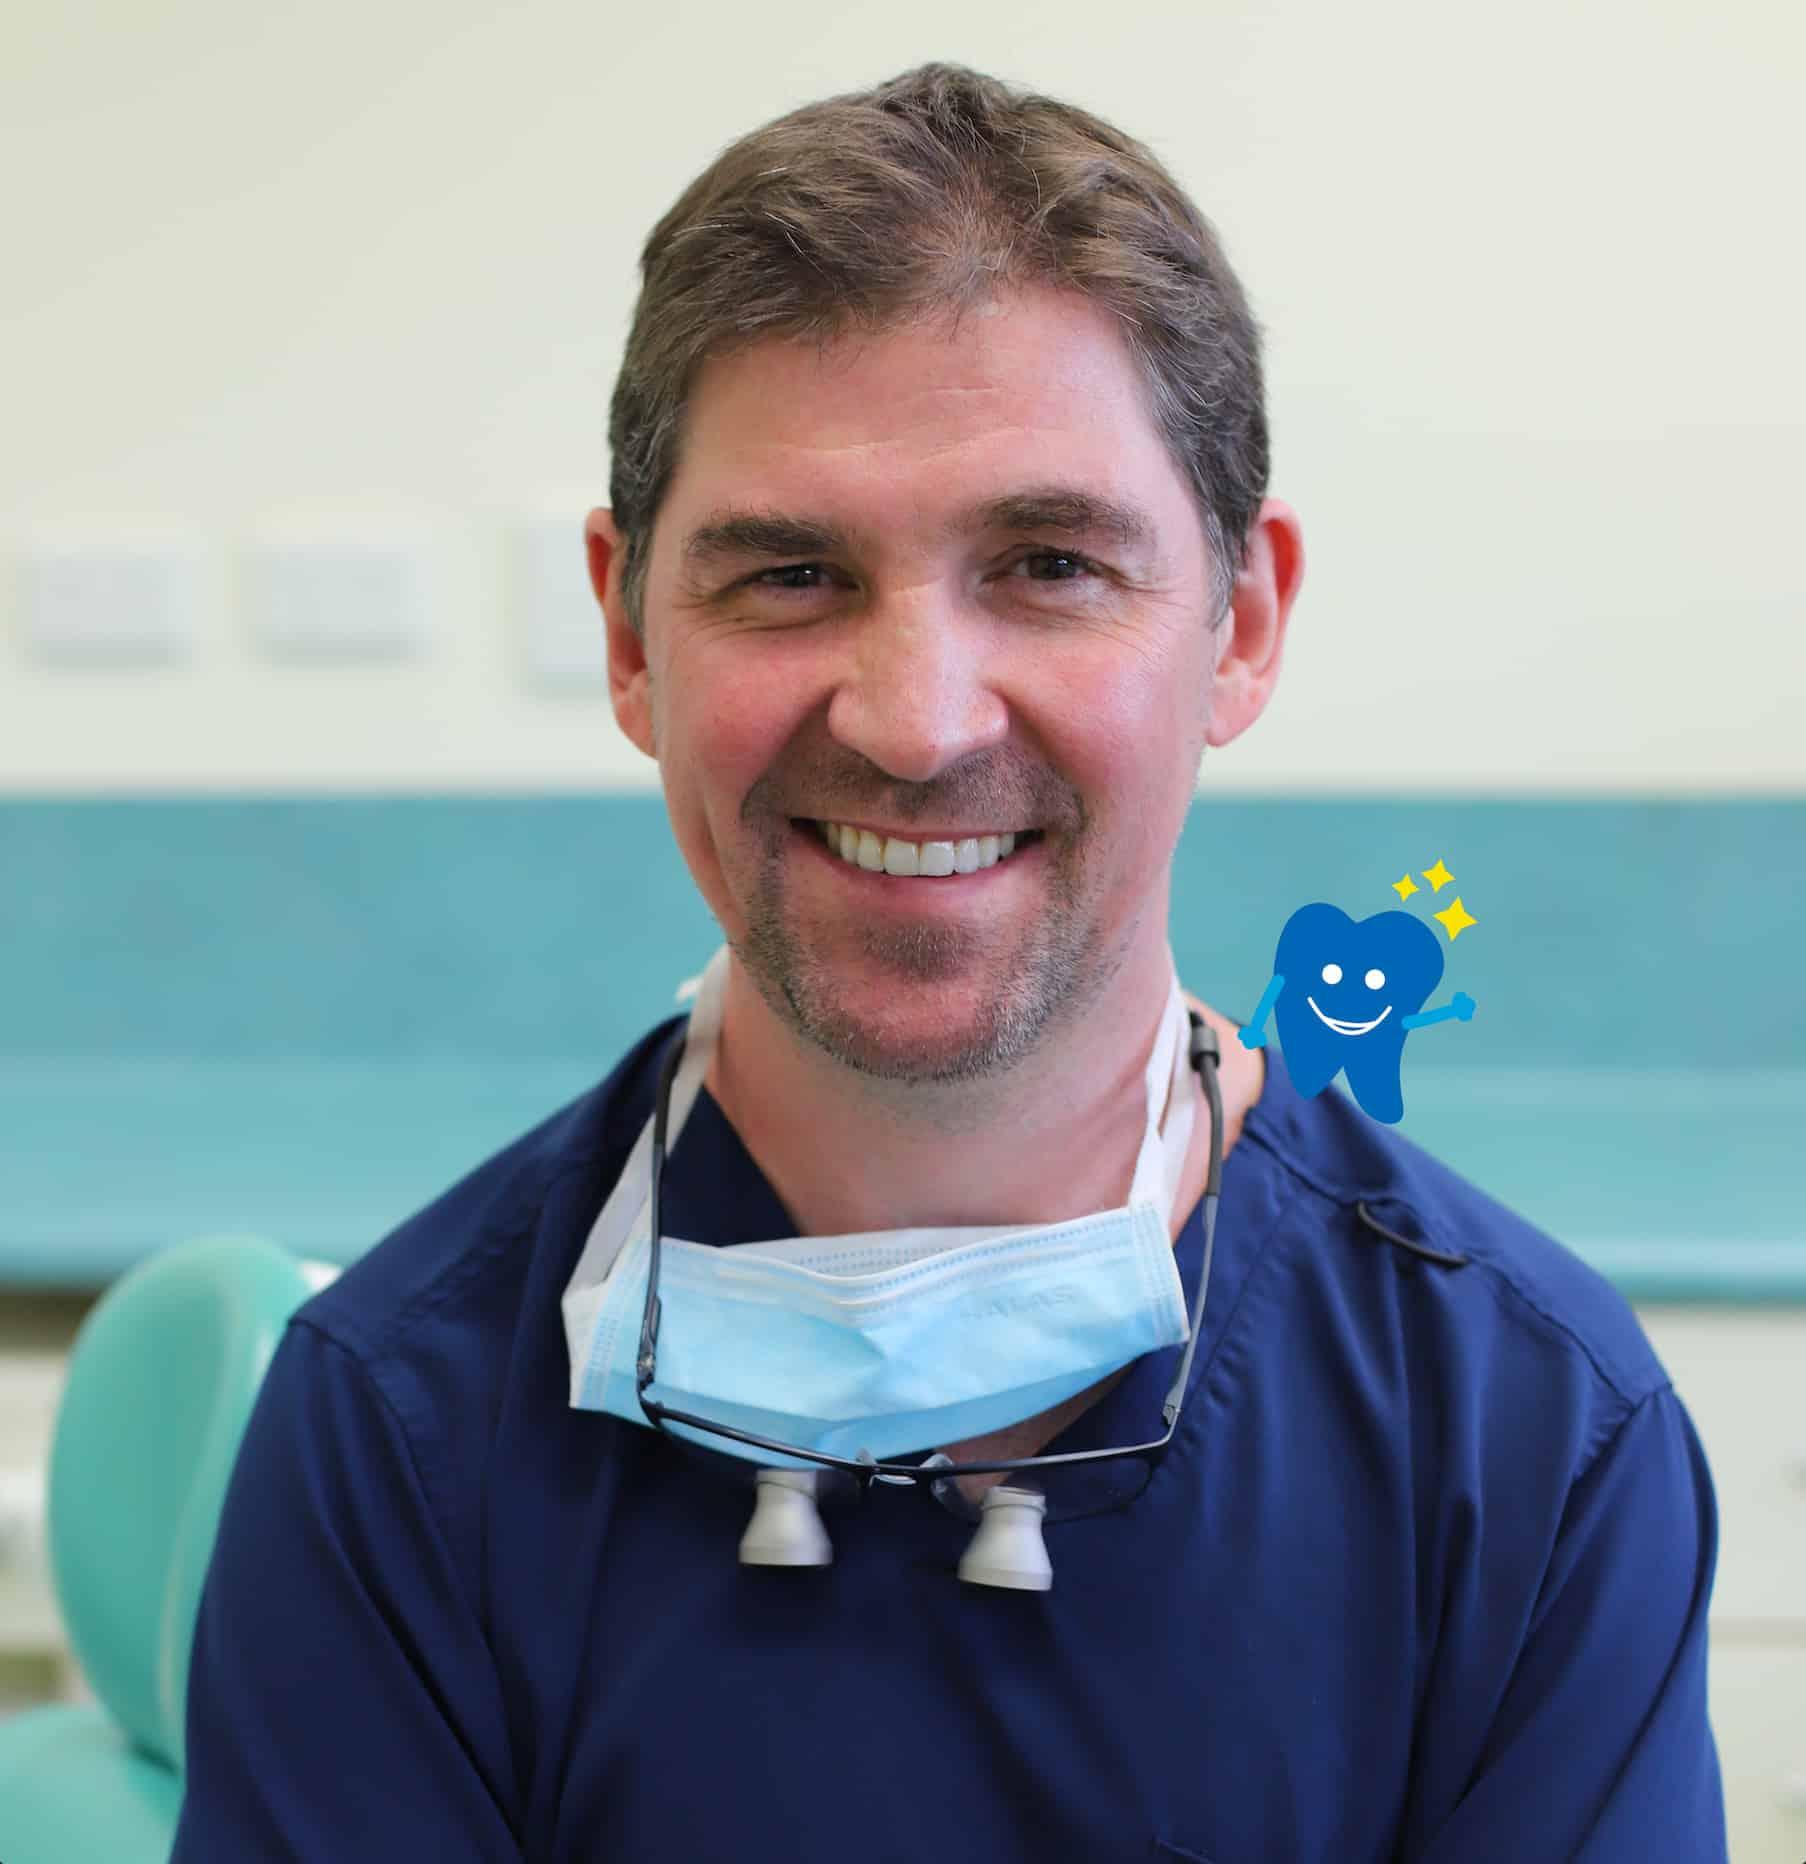 Sunbird-orthodontics-HomePage-HeadShot-Dr-Bobby-2021